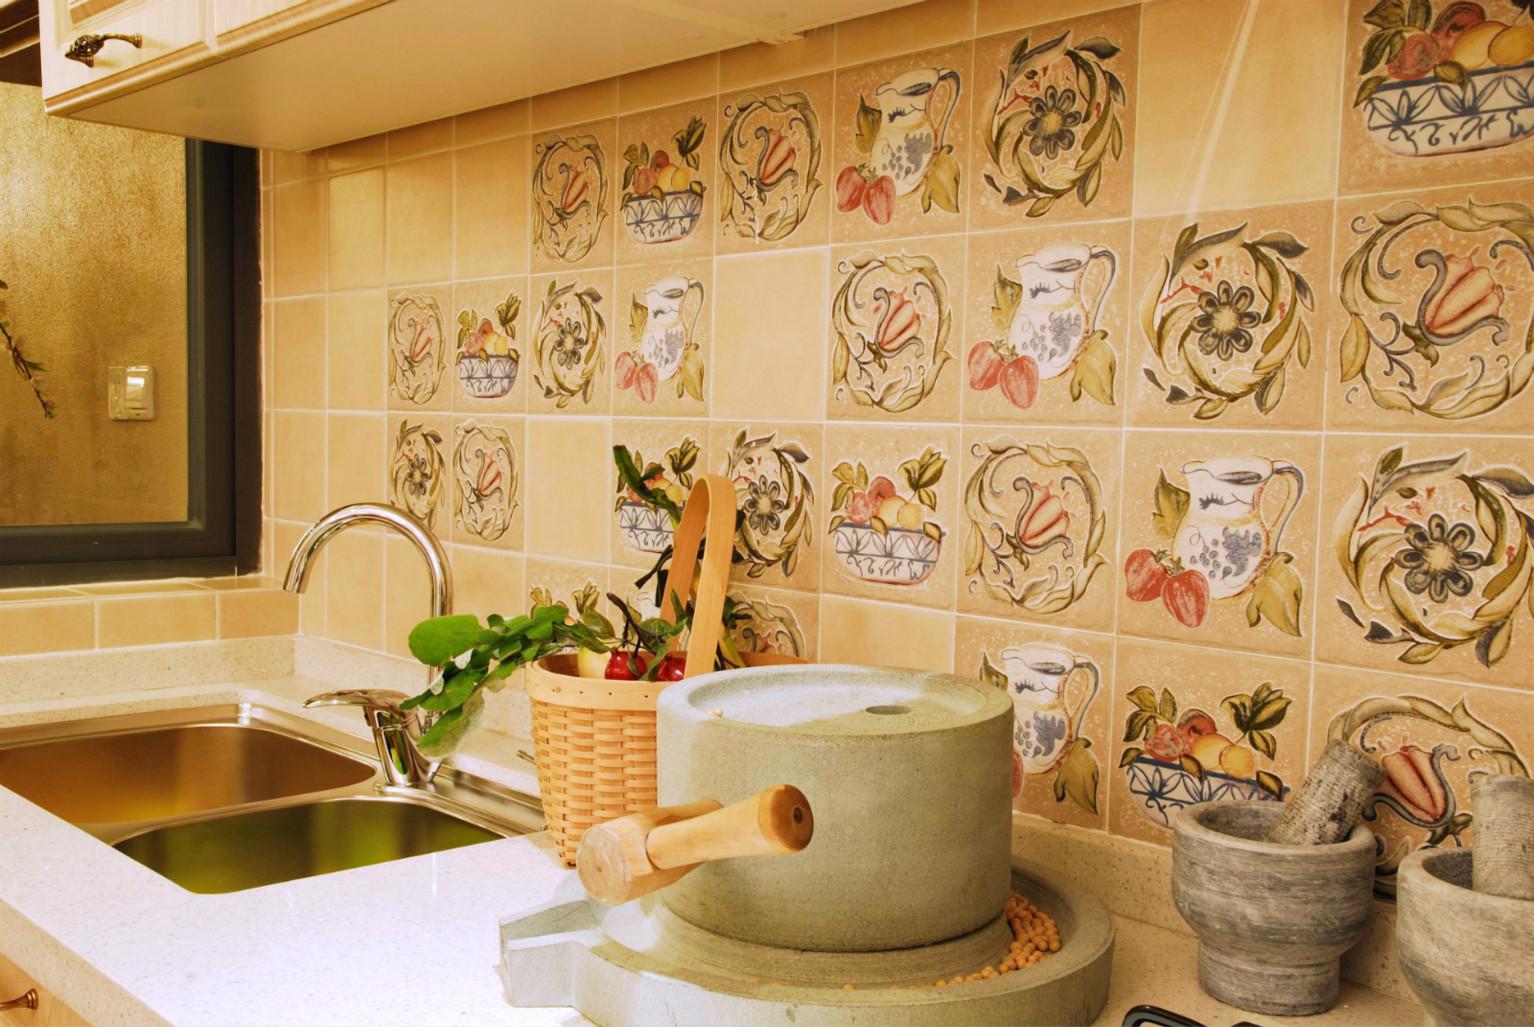 墙壁上的叶子图案,很美观,做饭也有好心情。